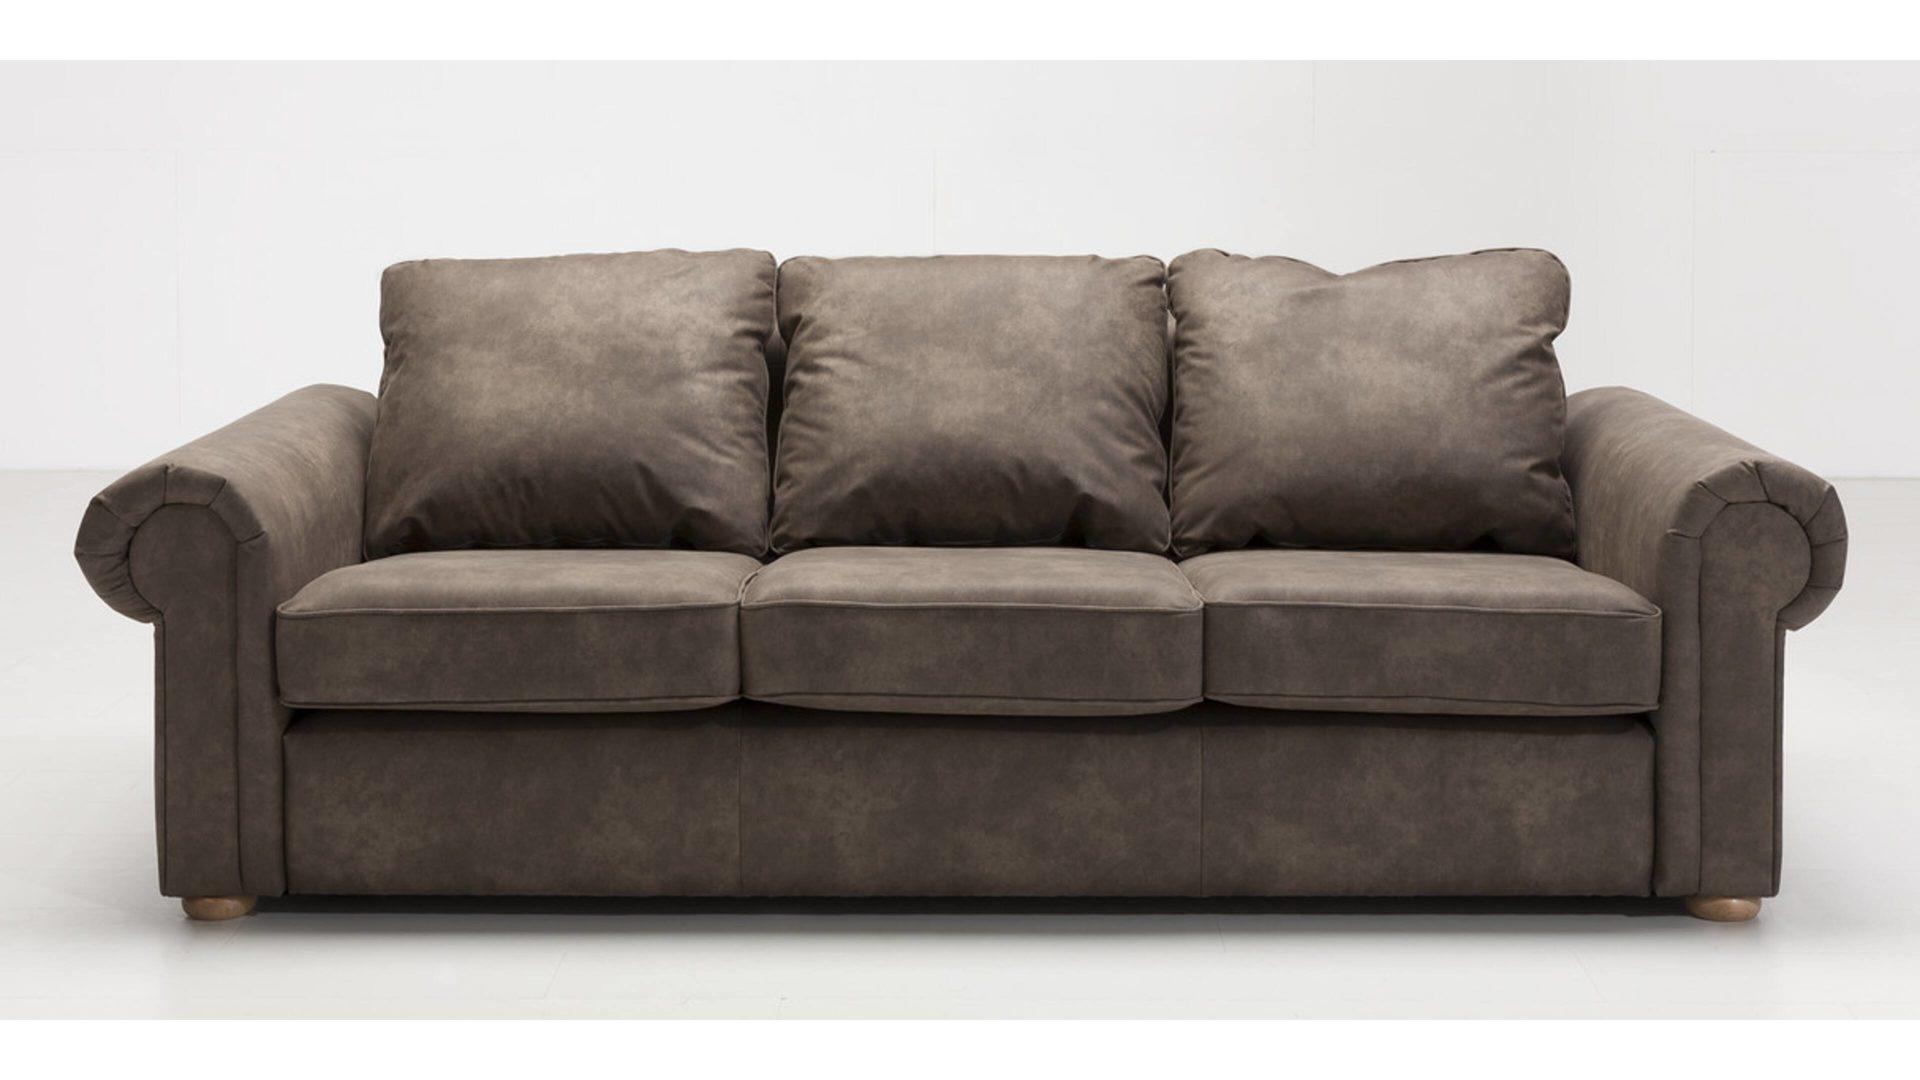 trop möbelabholmarkt gmbh, möbel a-z, couches + sofas, sofas